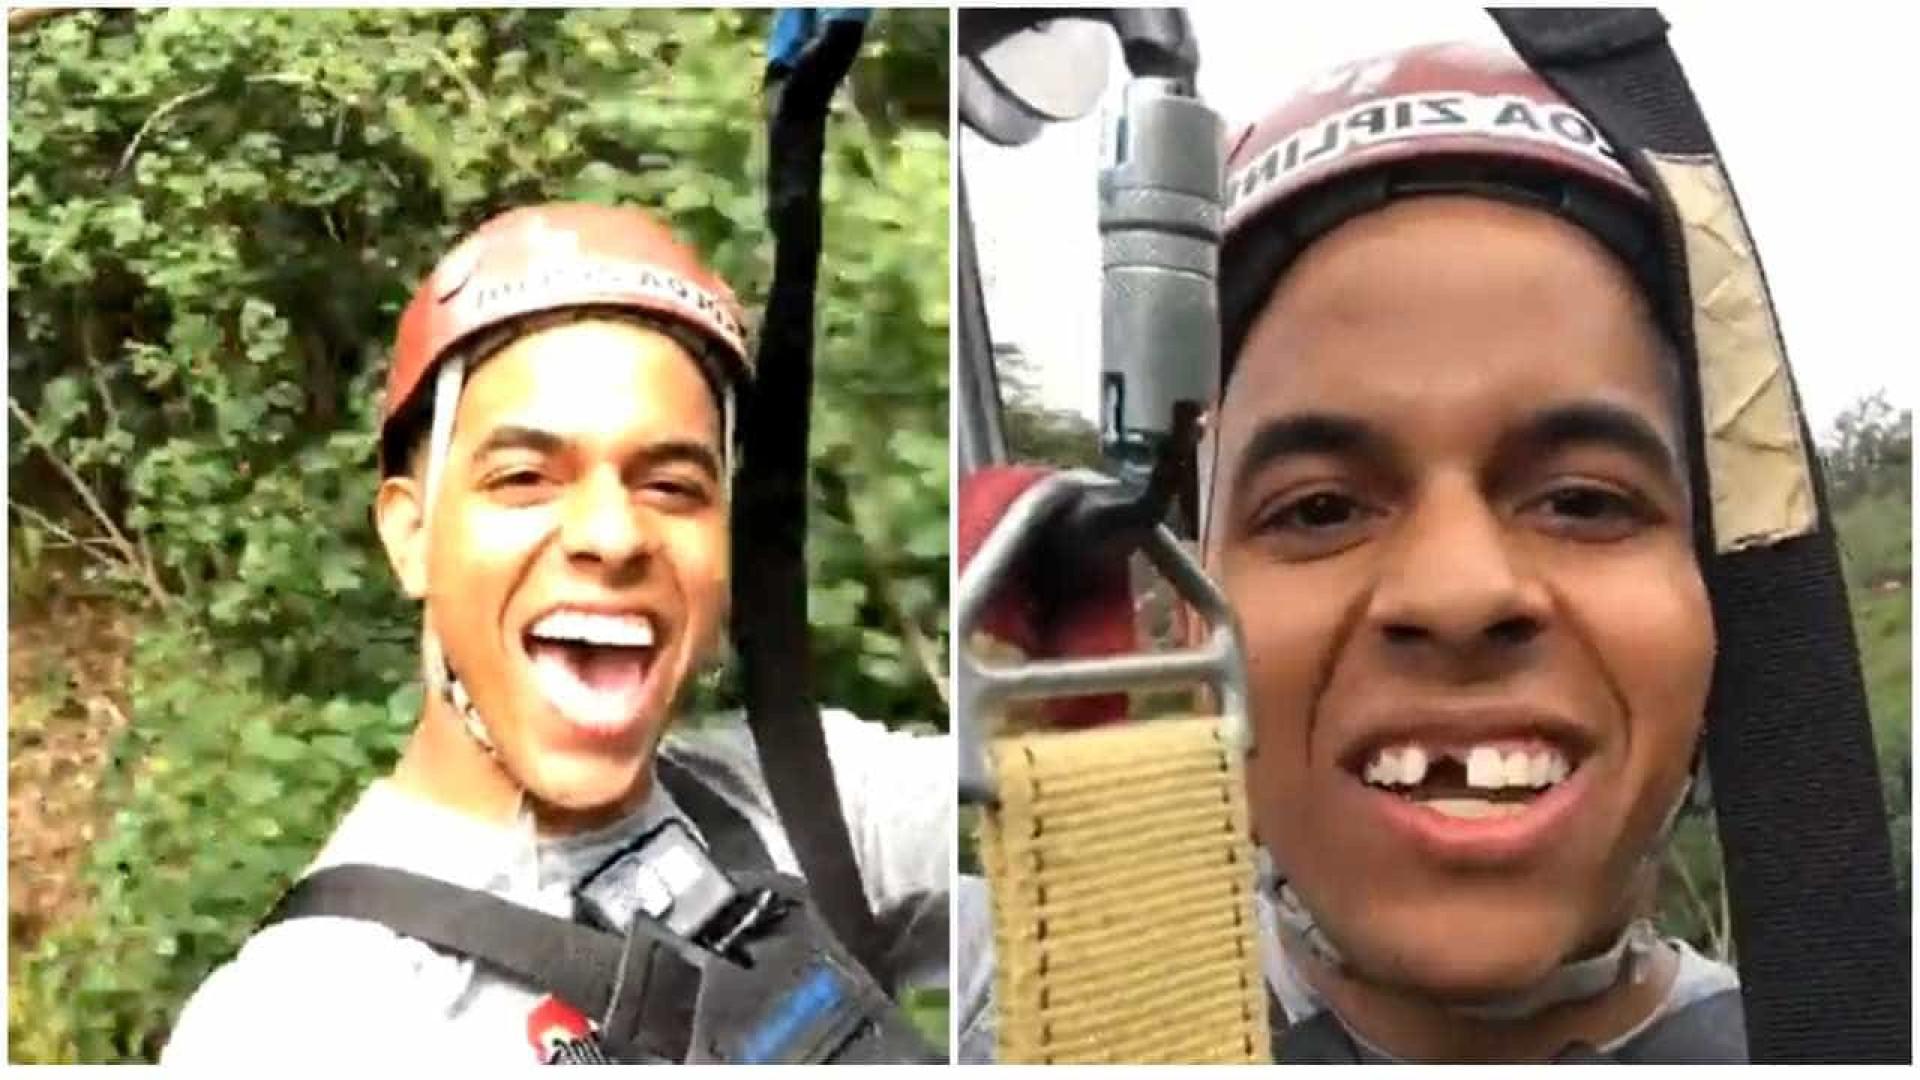 Jovem perde prótese dentária em tirolesa no Havaí